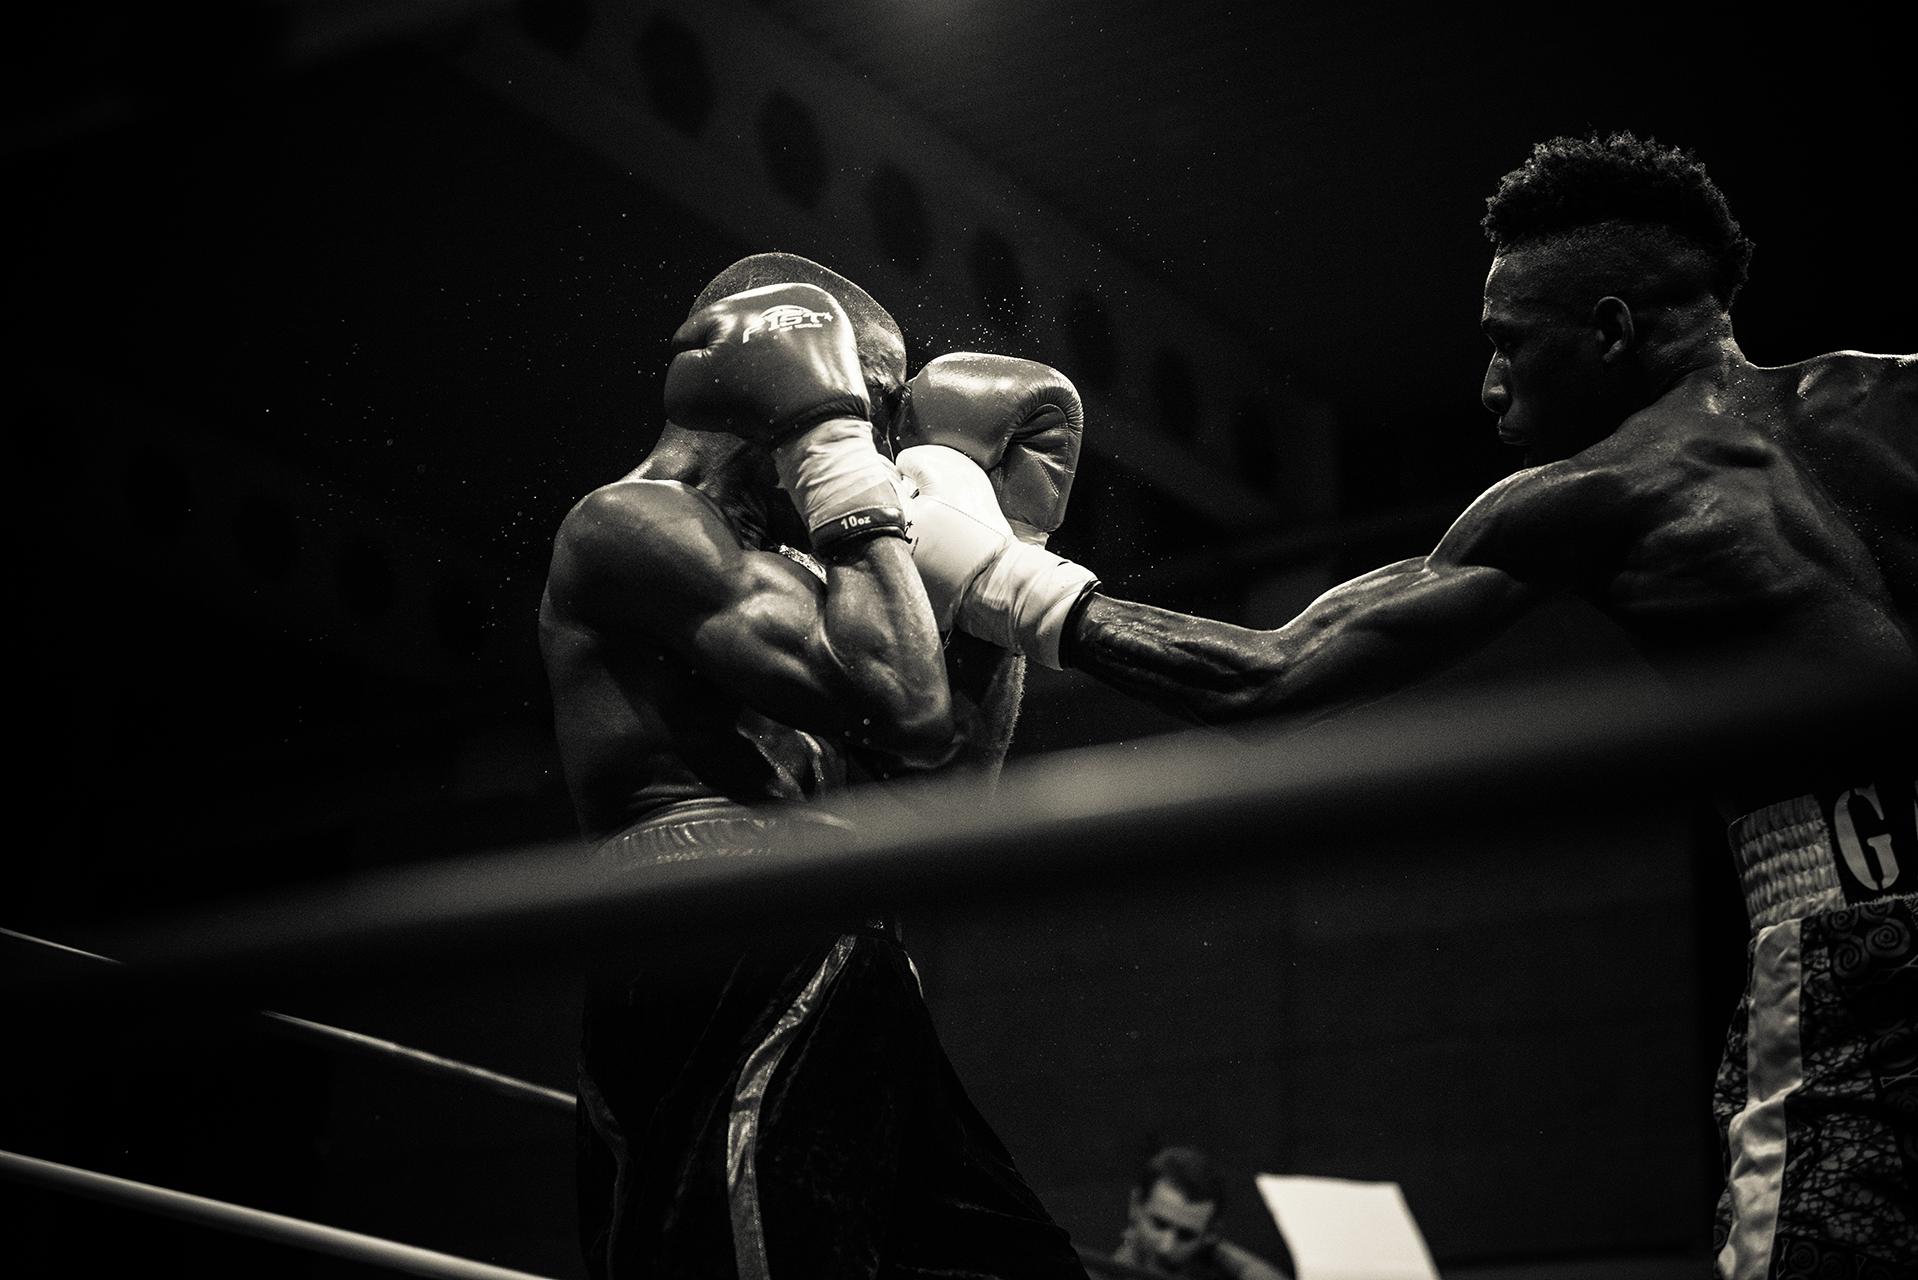 photographe-de-boxe-championnat-de-france-fontenay-sous-bois-maya-angelsen